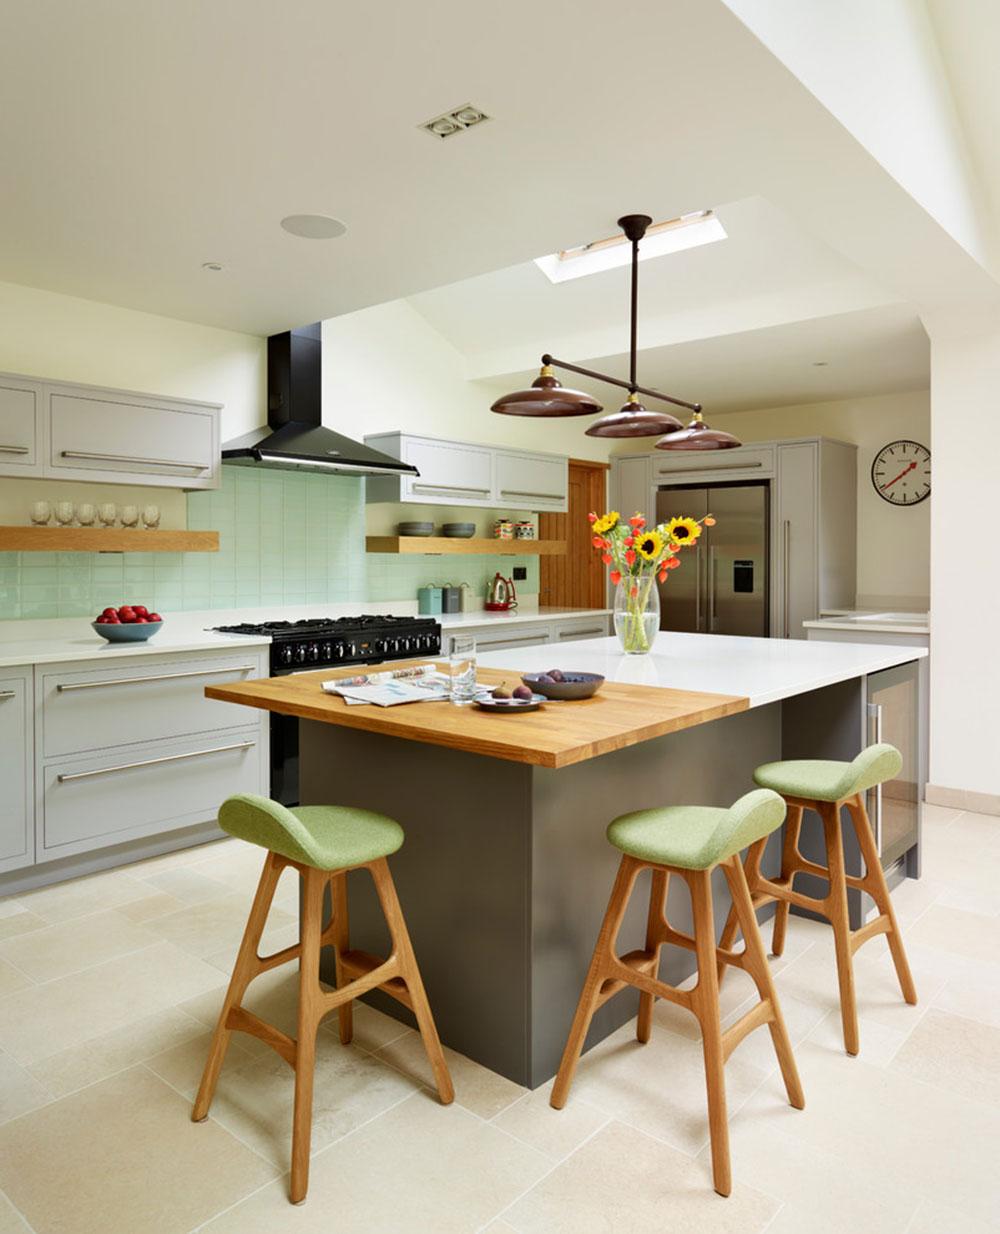 modern kitchen island designs seating kitchen island designs Modern Kitchen Island Designs With Seating 8